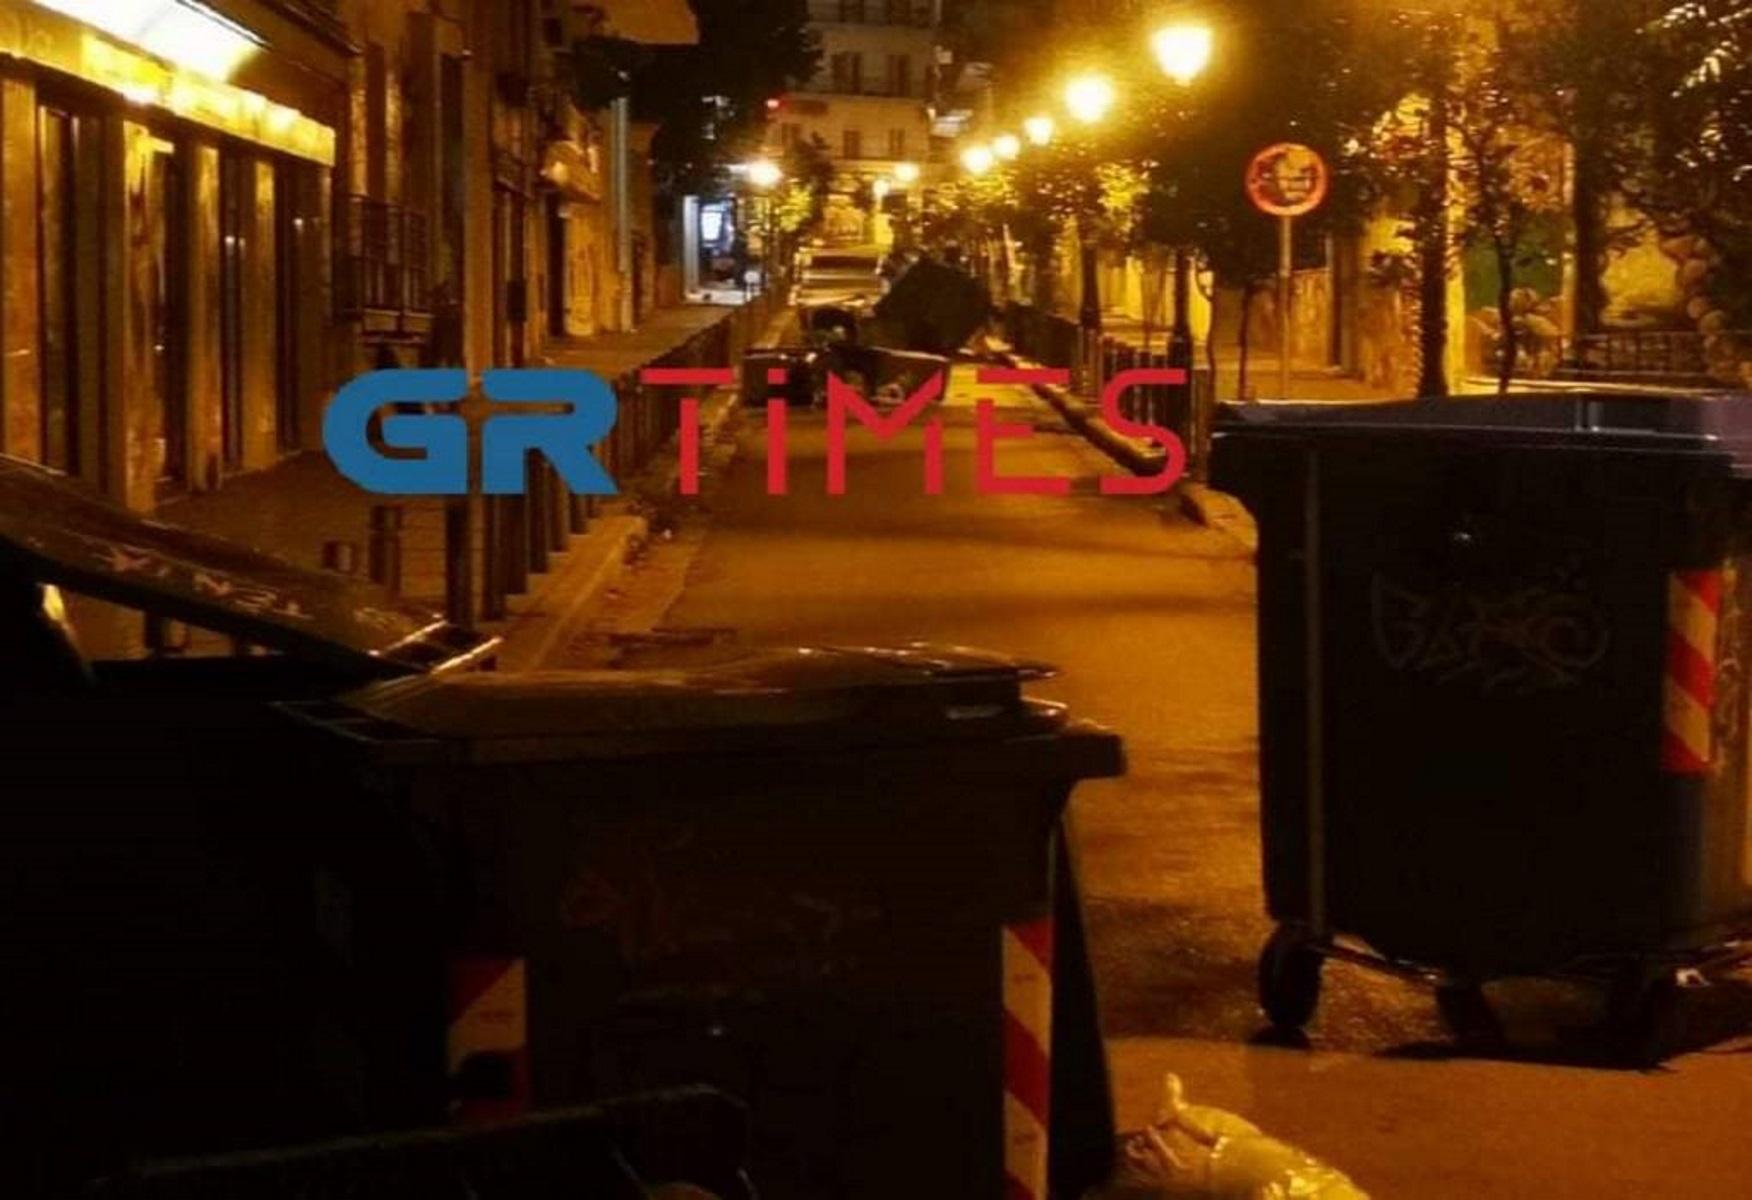 Θεσσαλονίκη: Πεδίο μάχης το κέντρο της πόλης σε συγκέντρωση κατά του lockdown – Προσαγωγές και τραυματισμοί